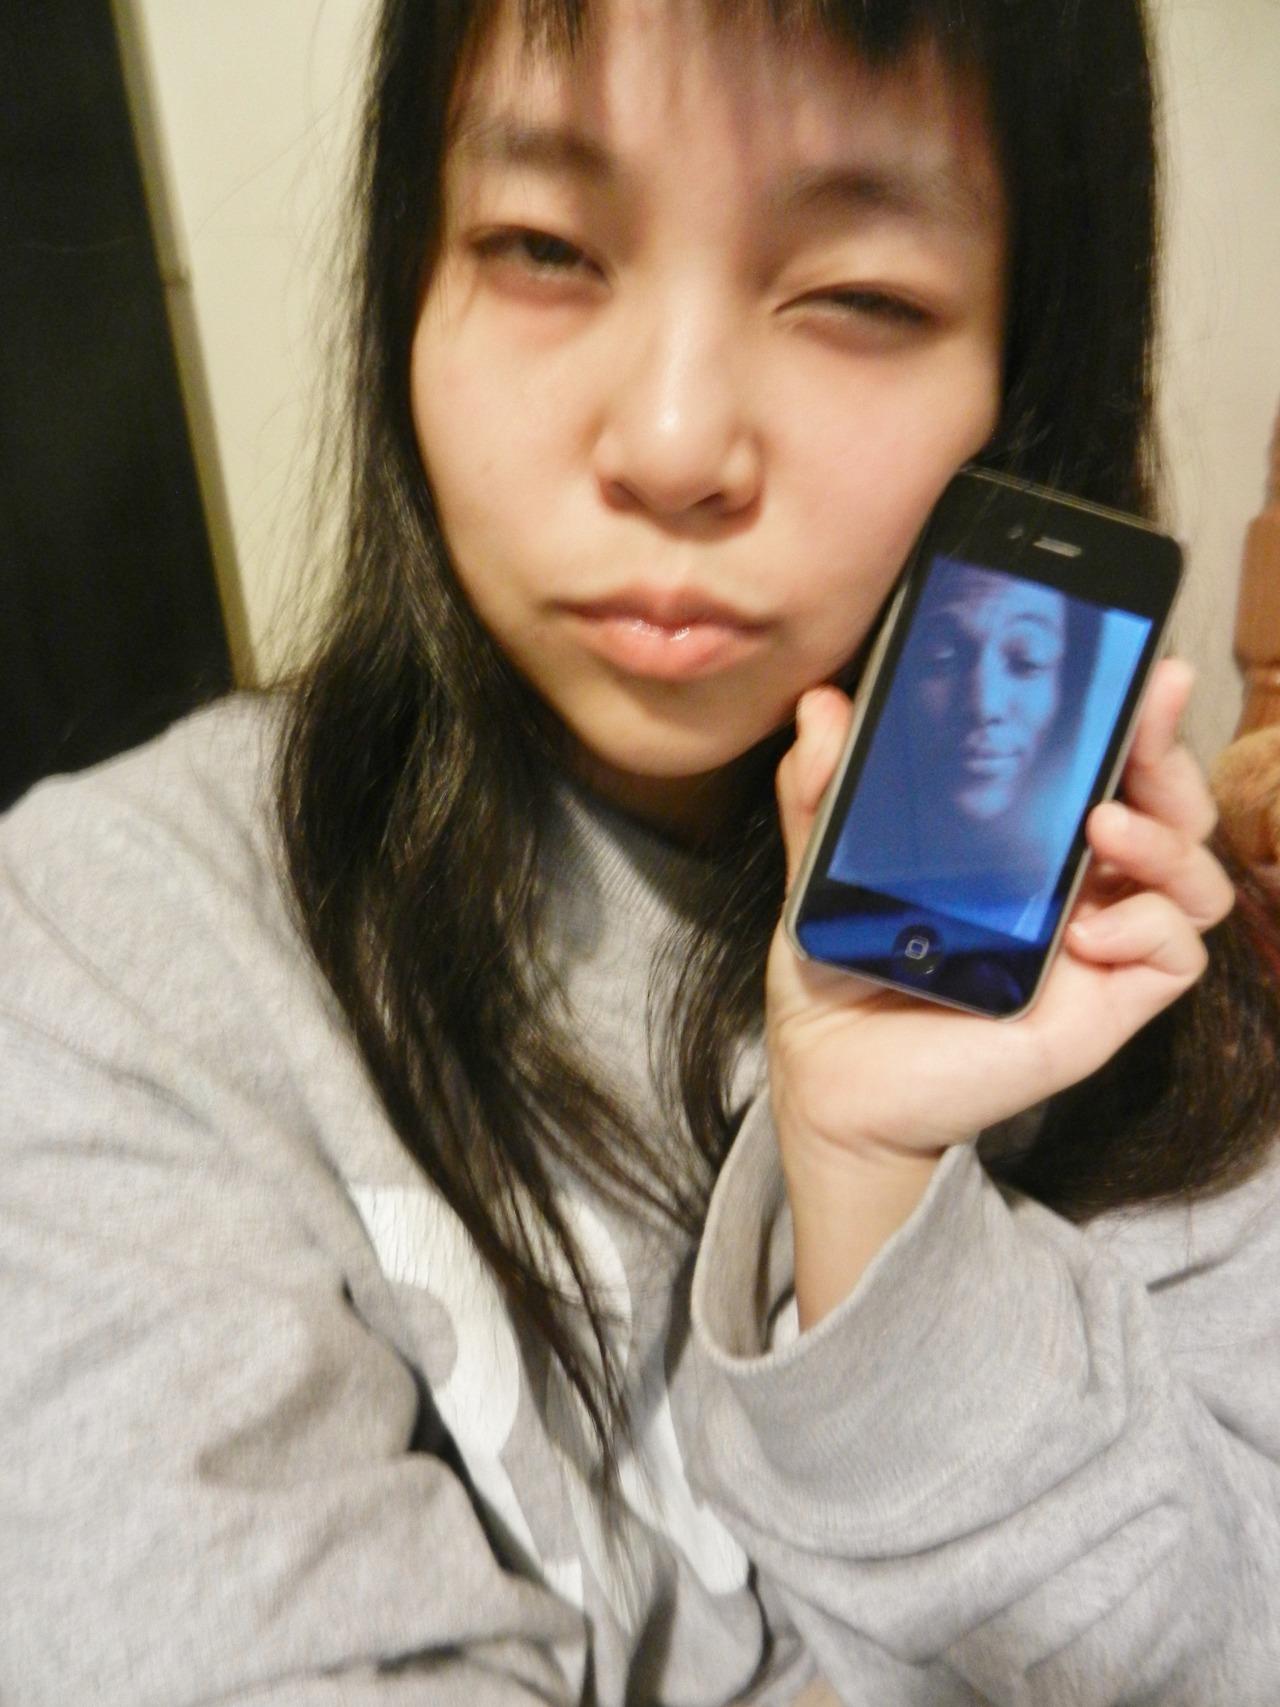 Selfies wit the bae in LDRs be like…